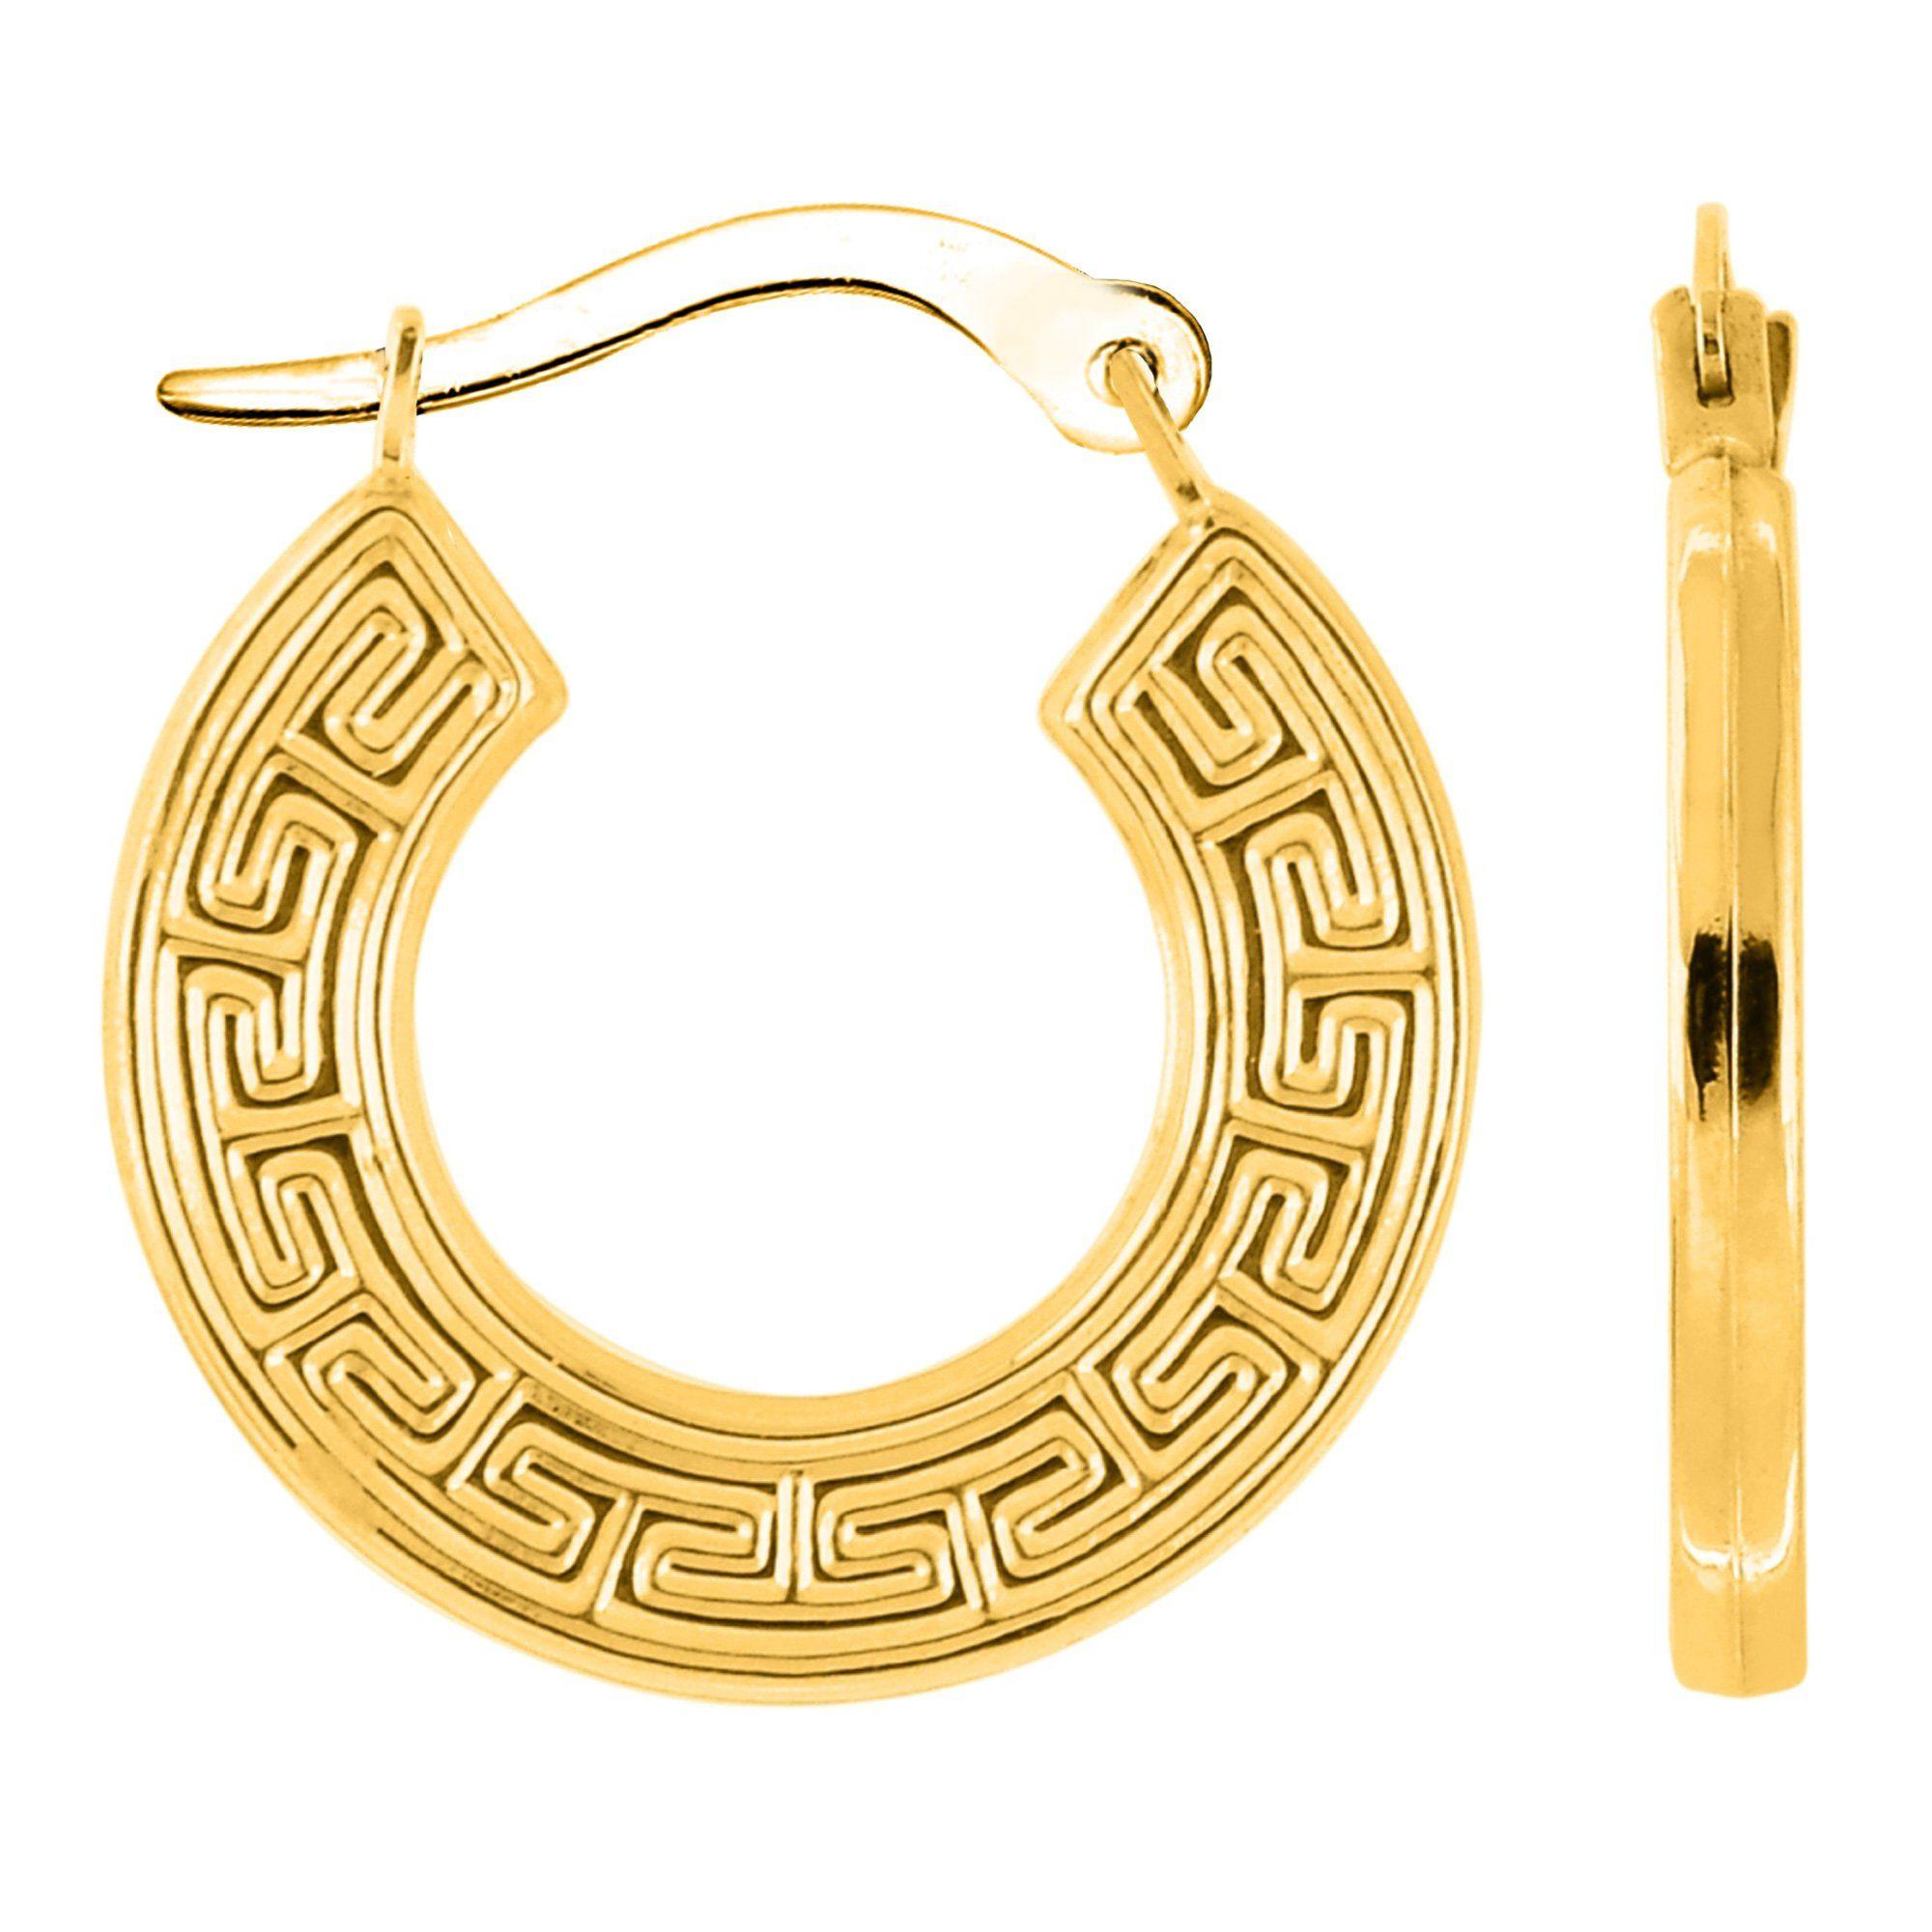 Diameter 15mm 14K Yellow Gold Round Greek Key Hoop Earrings